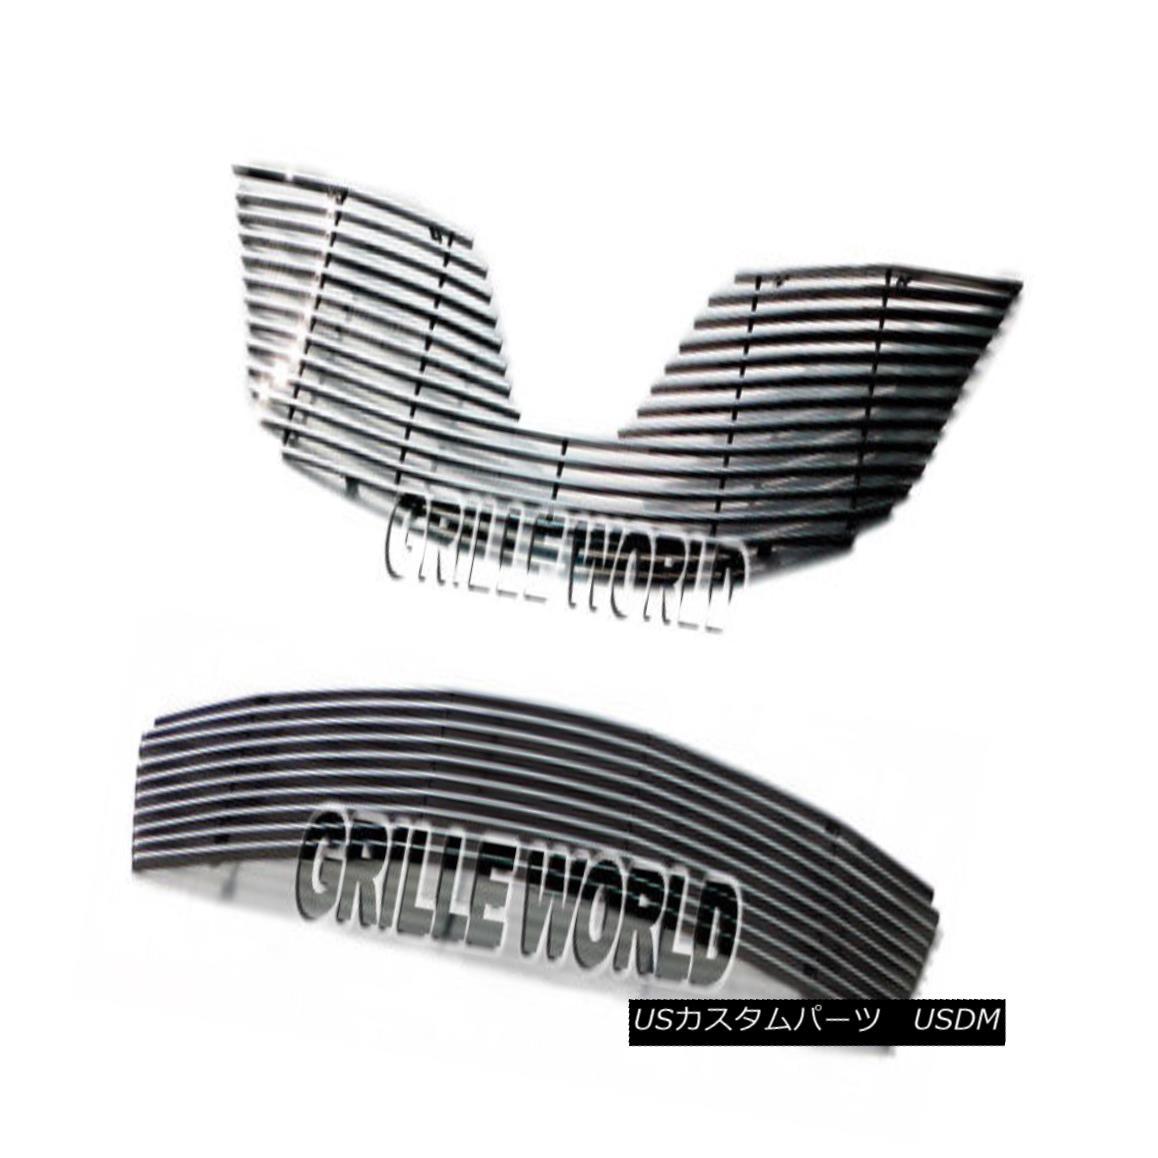 グリル For 2011-2012 Toyota Corolla Billet Premium Grille Combo Insert 2011年?2012年トヨタカローラビレットプレミアムグリルコンボインサート